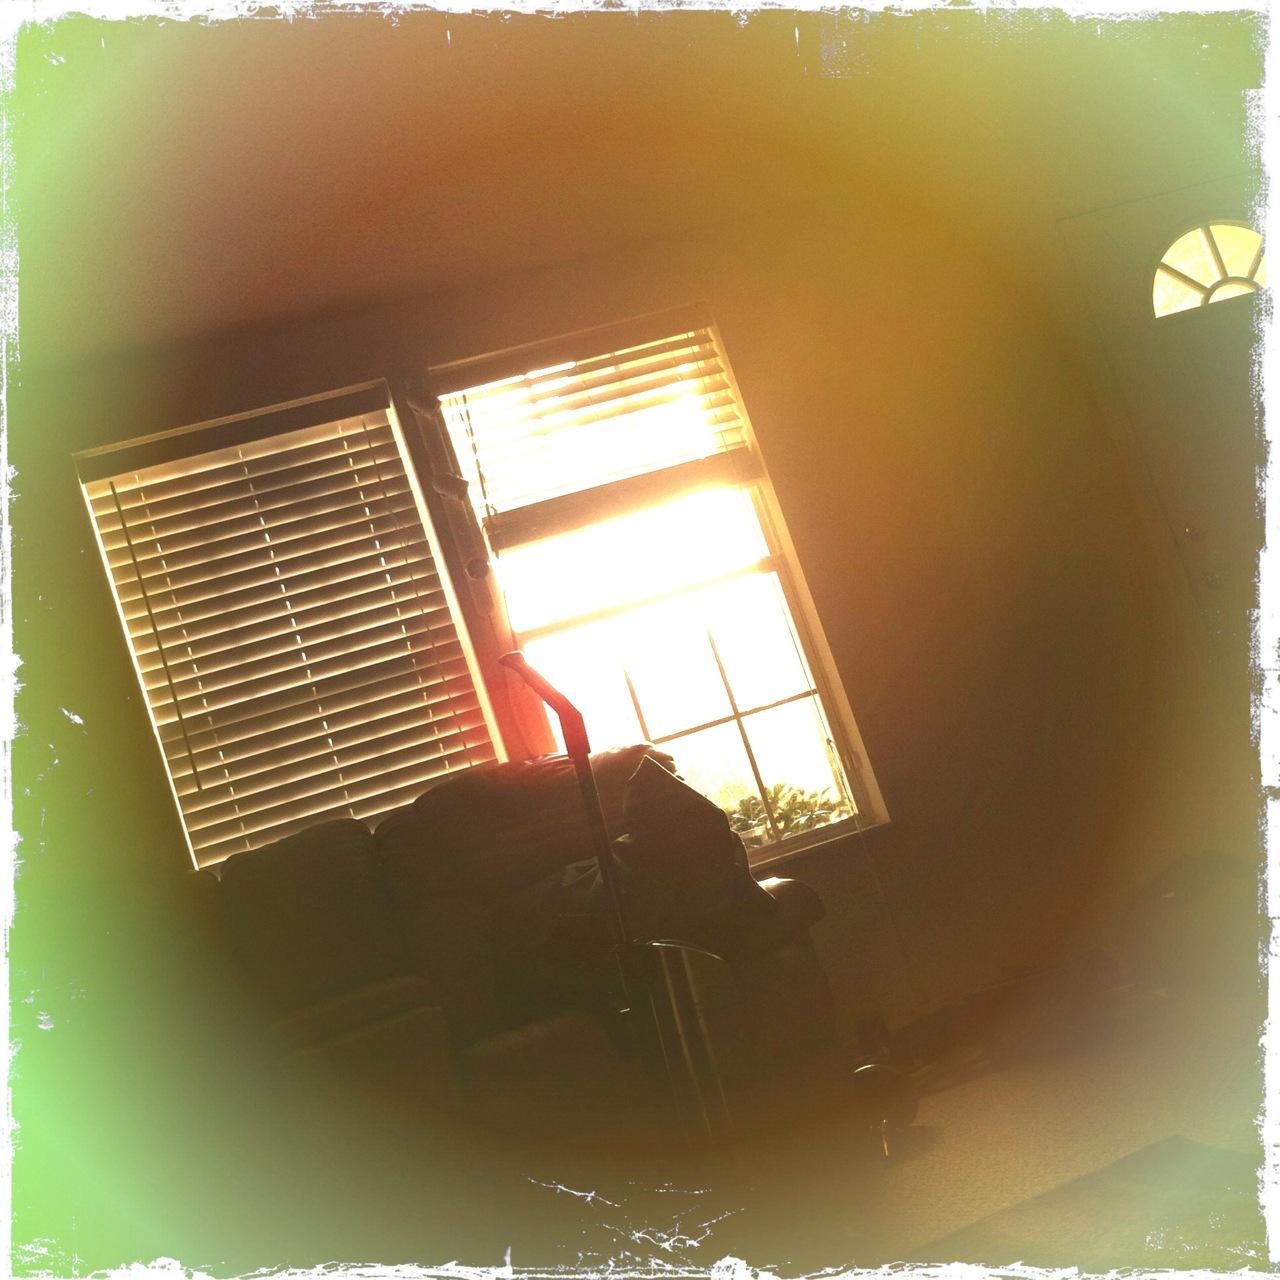 Morning sunrise 1 Jimmy Lens, Kodot XGrizzled Film, Cherry Shine Flash,